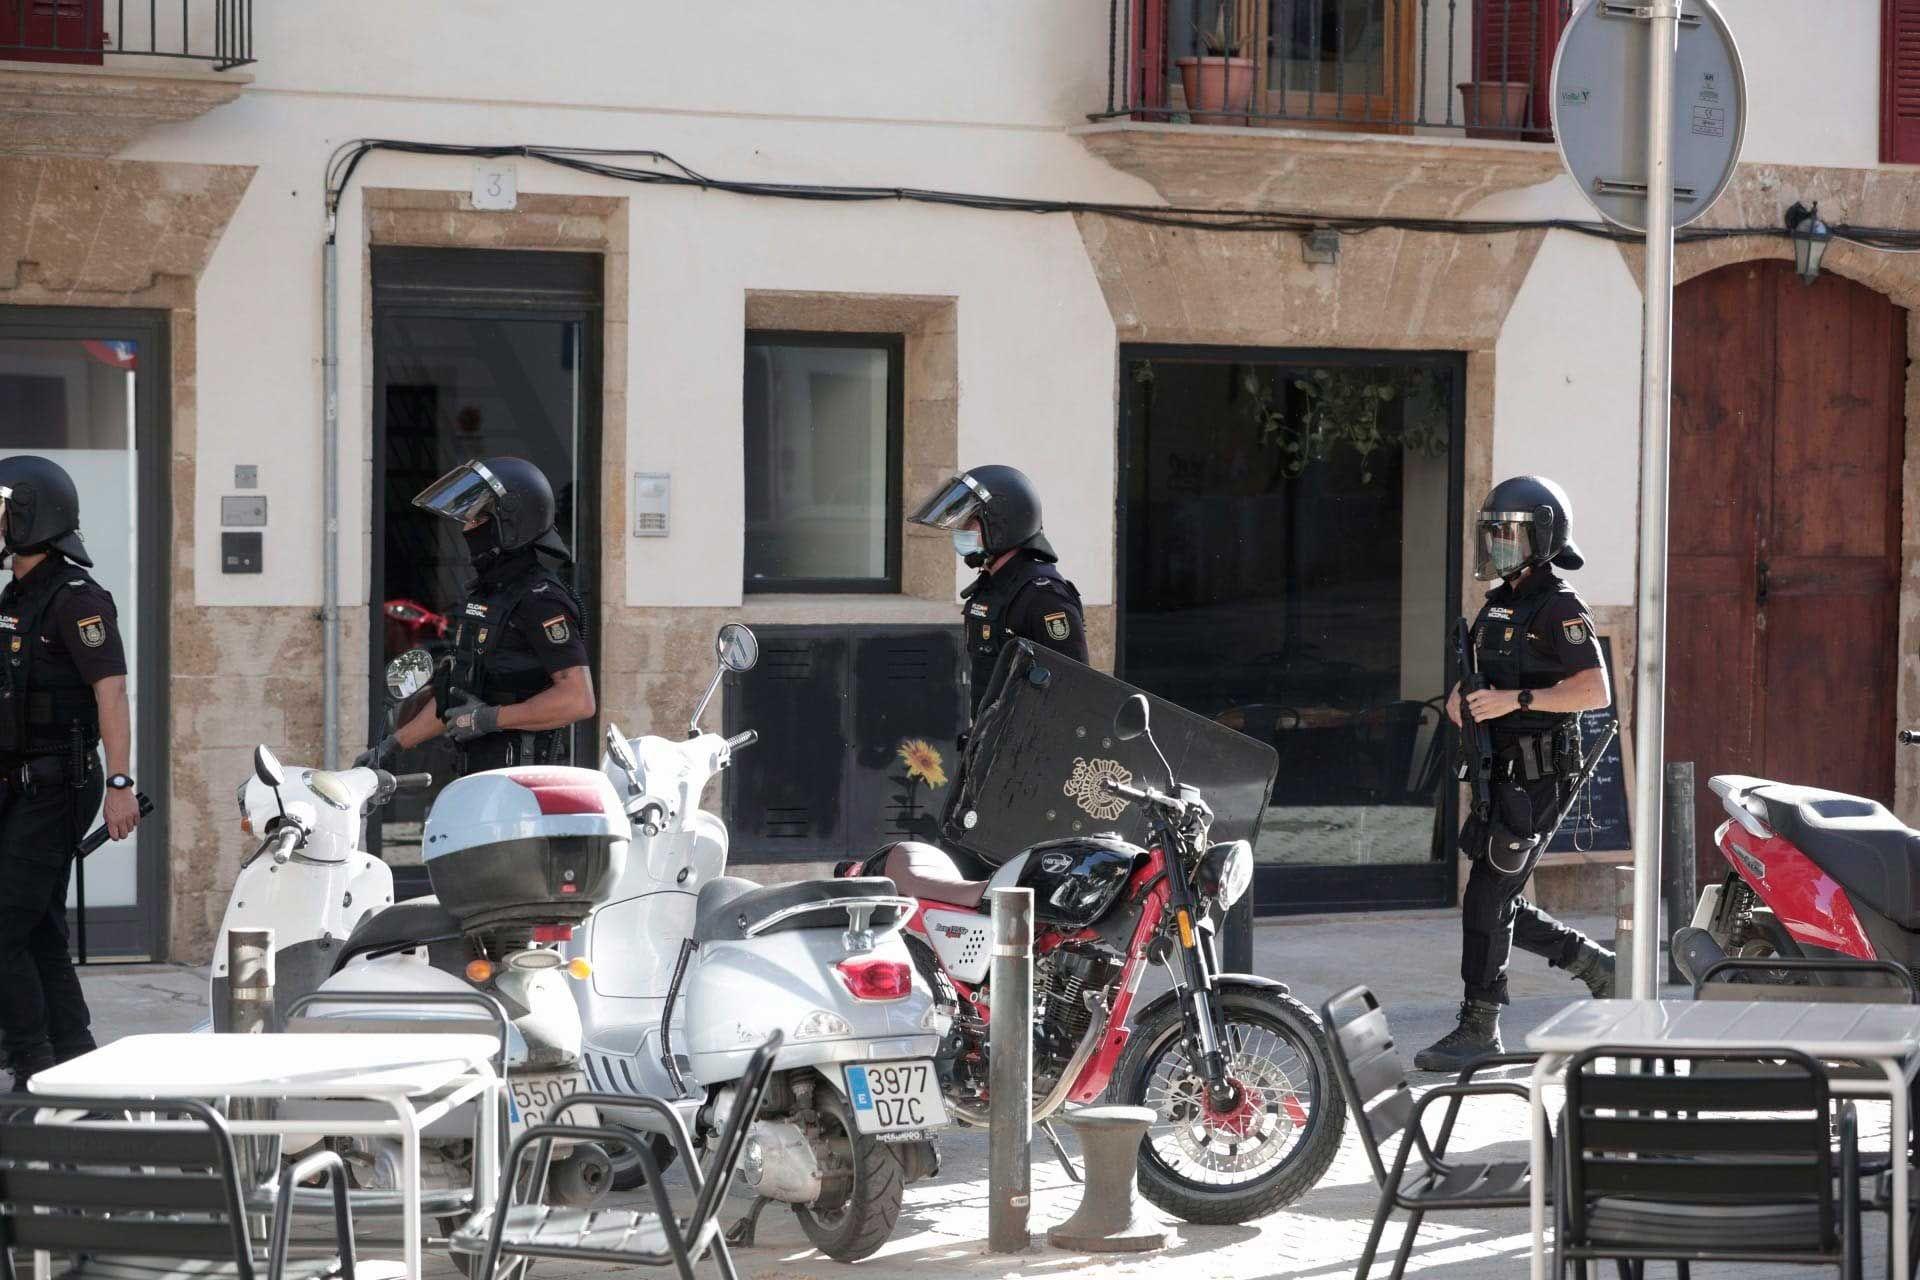 La Policía toma la plaza Llorenç Bisbal en busca de los responsables del tiroteo de Son Gotleu